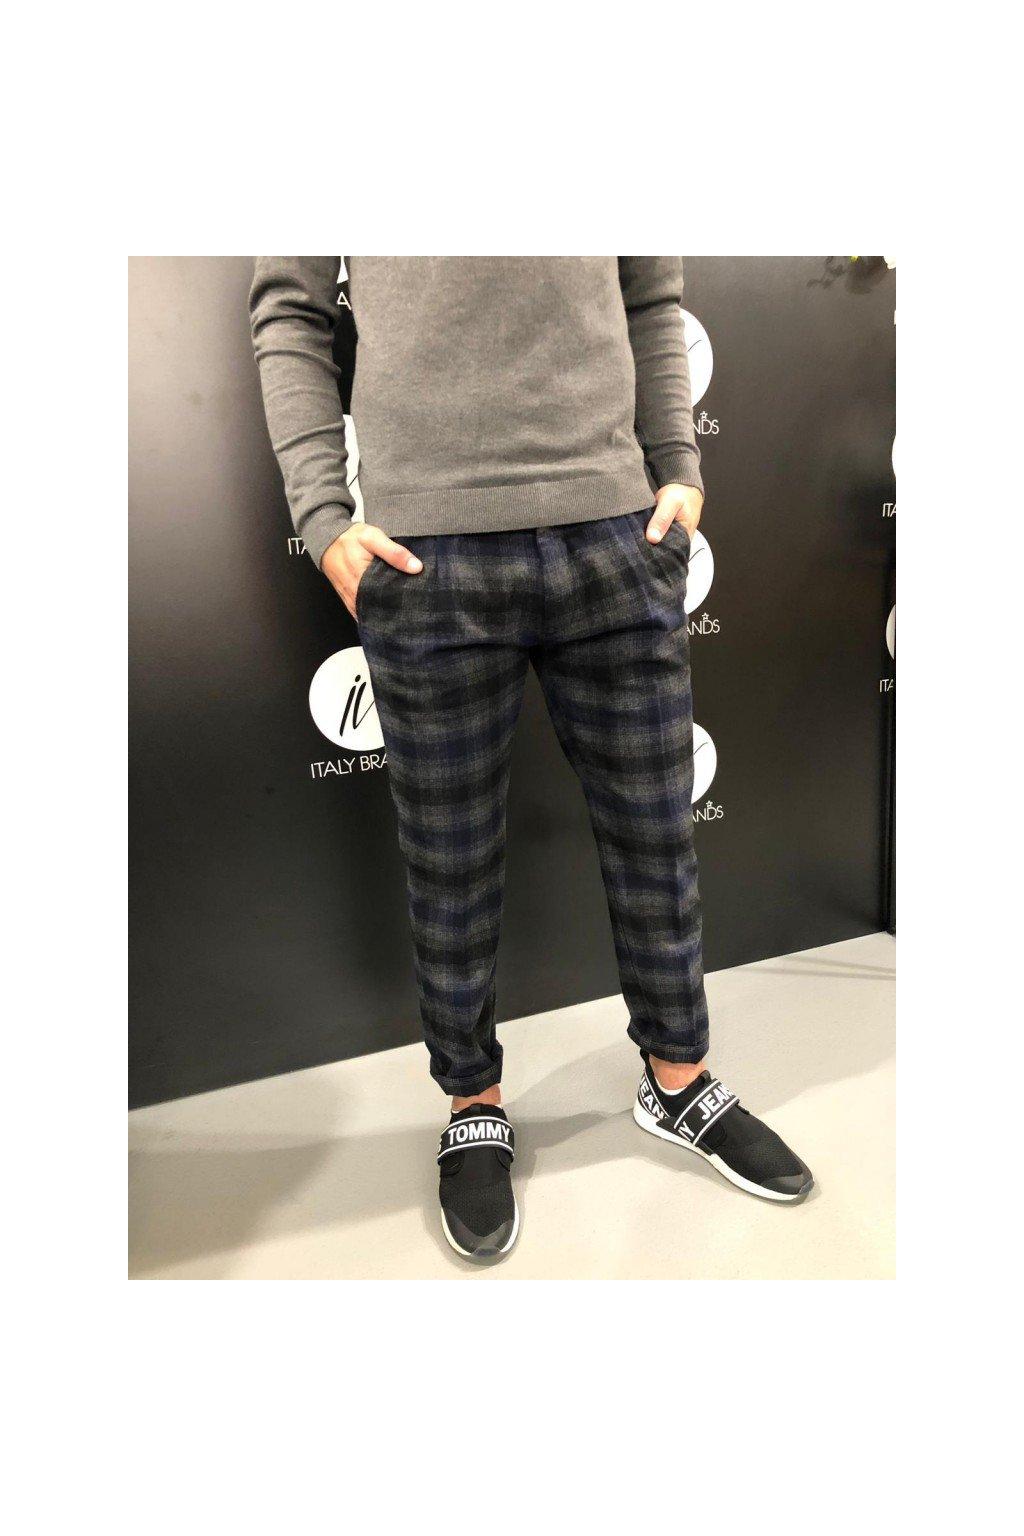 Kalhoty káro, MARKUP - modrošedé (Velikost Velikost 50)